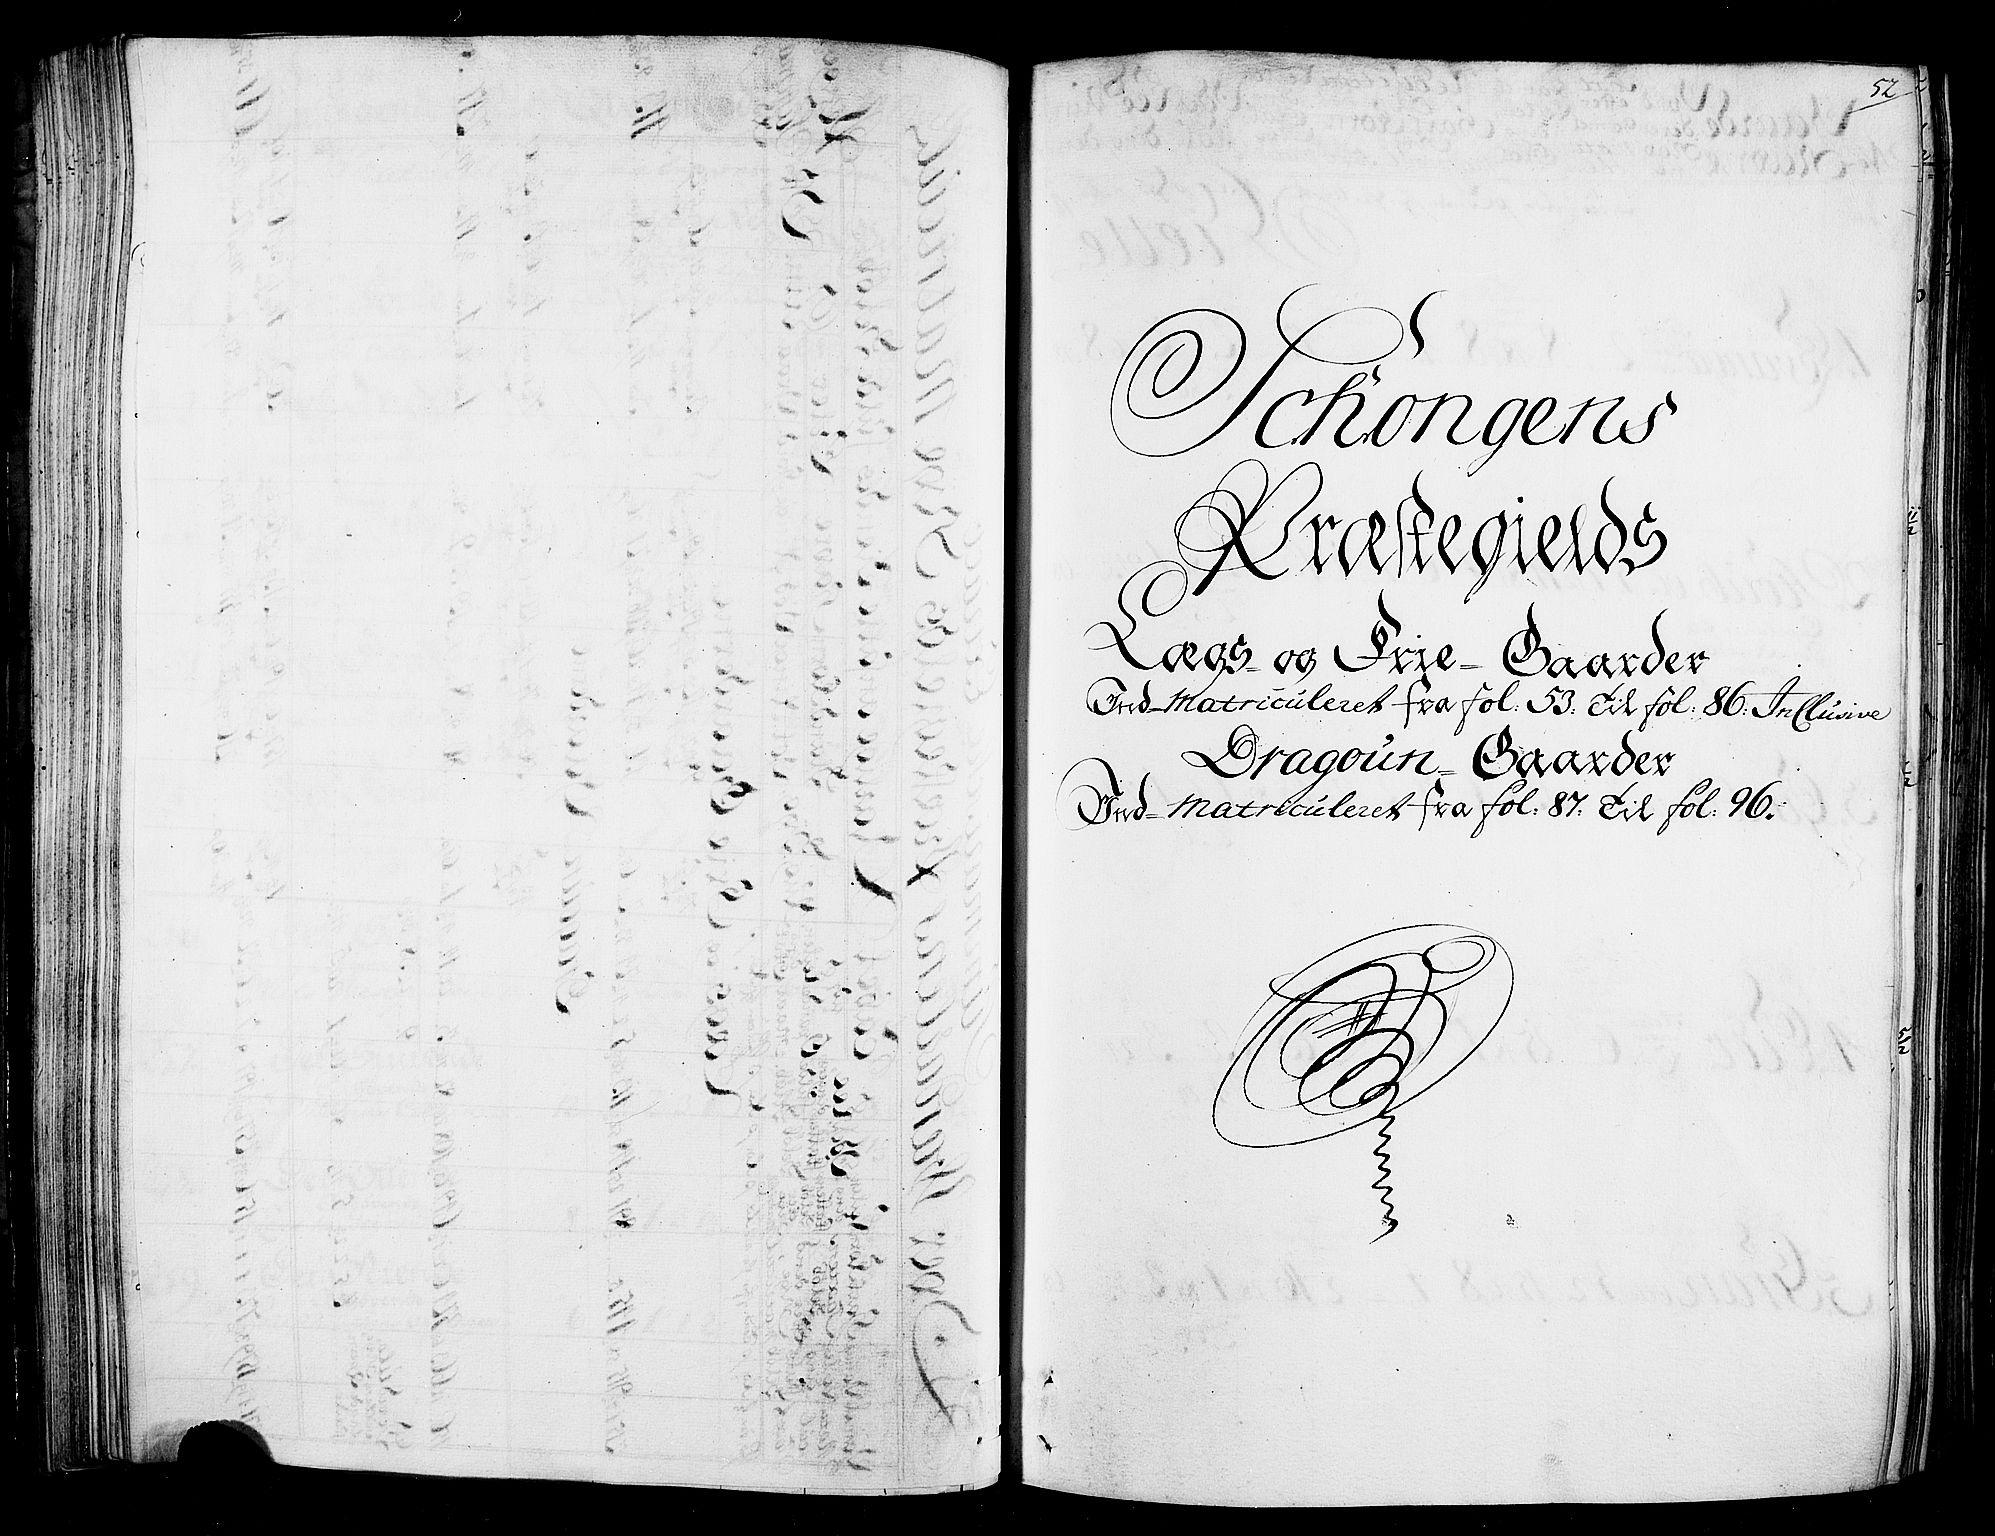 RA, Rentekammeret inntil 1814, Realistisk ordnet avdeling, N/Nb/Nbf/L0165: Stjørdal og Verdal matrikkelprotokoll, 1723, s. 51b-52a